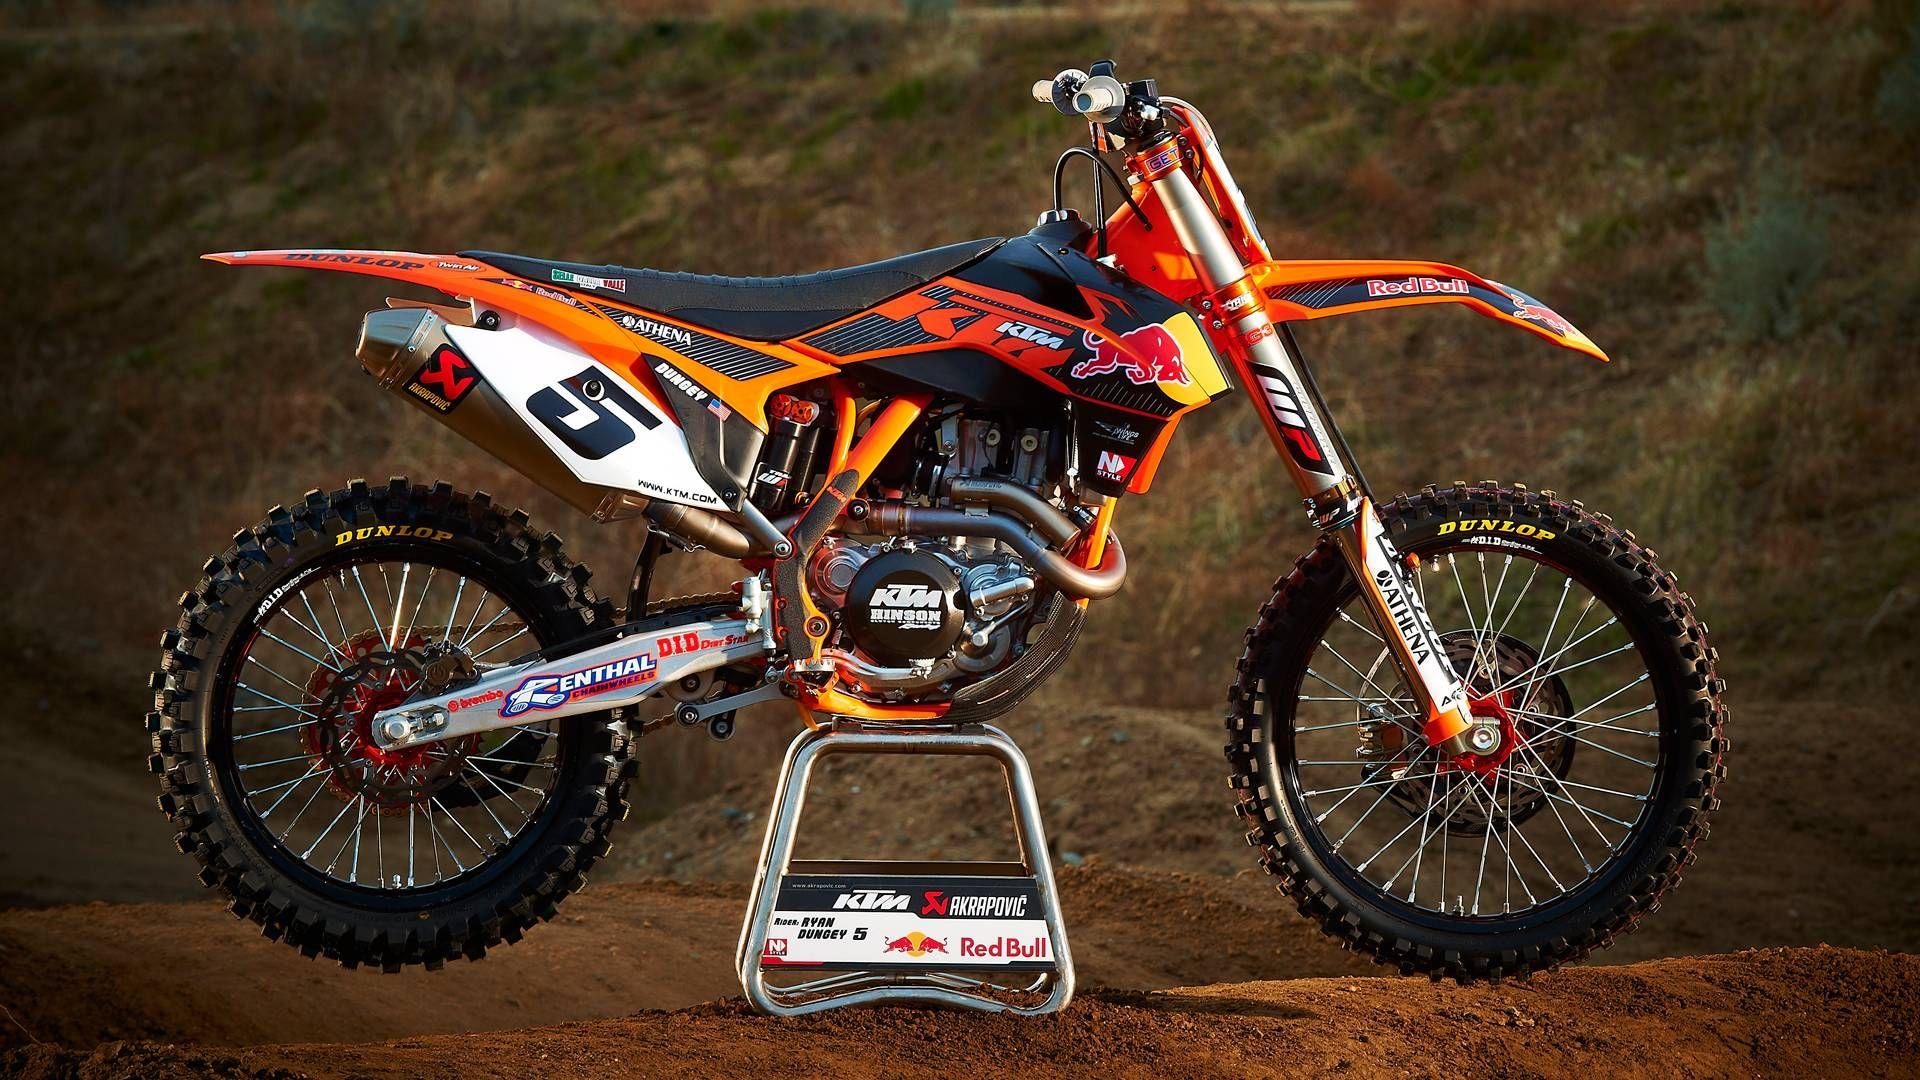 motocross ktm bike hd wallpapers 9 | motocross ktm bike hd